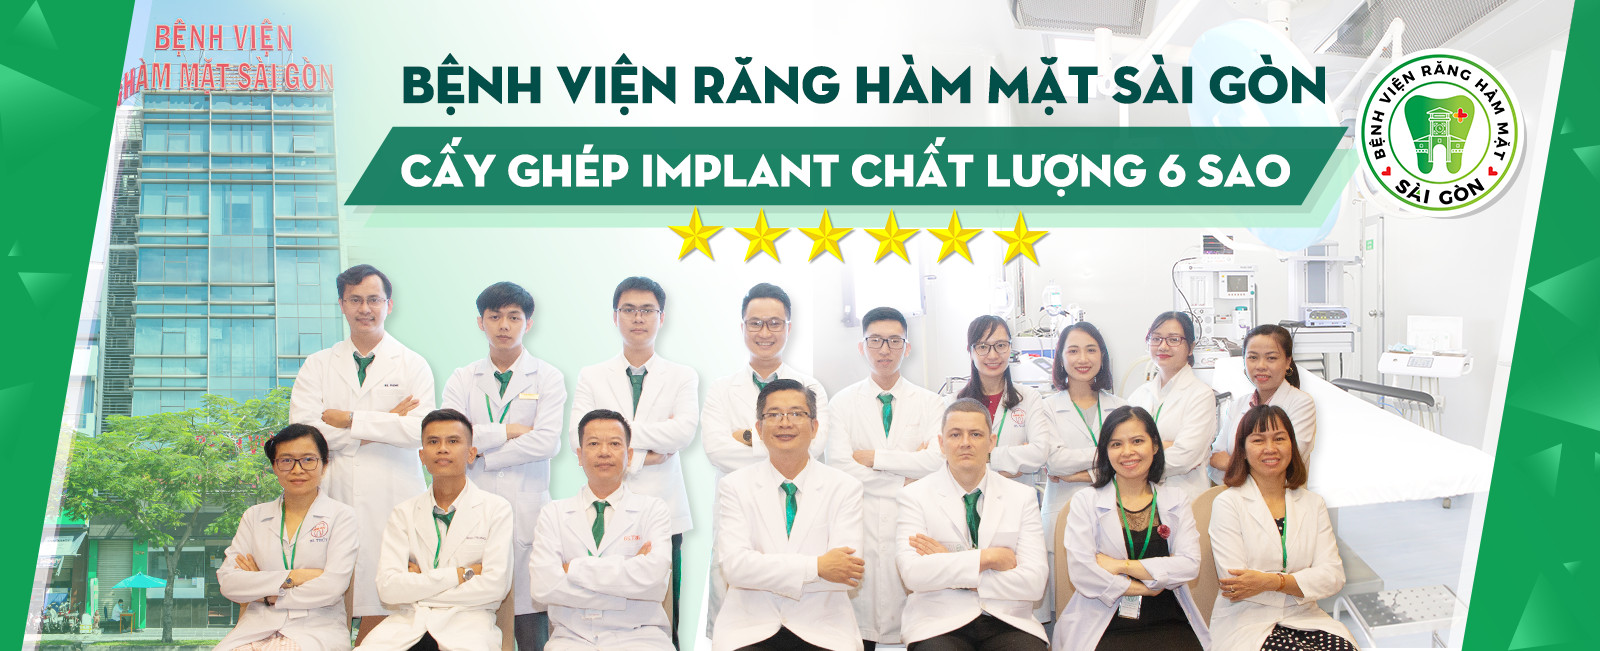 cấy ghép implant chất lượng 6 sao